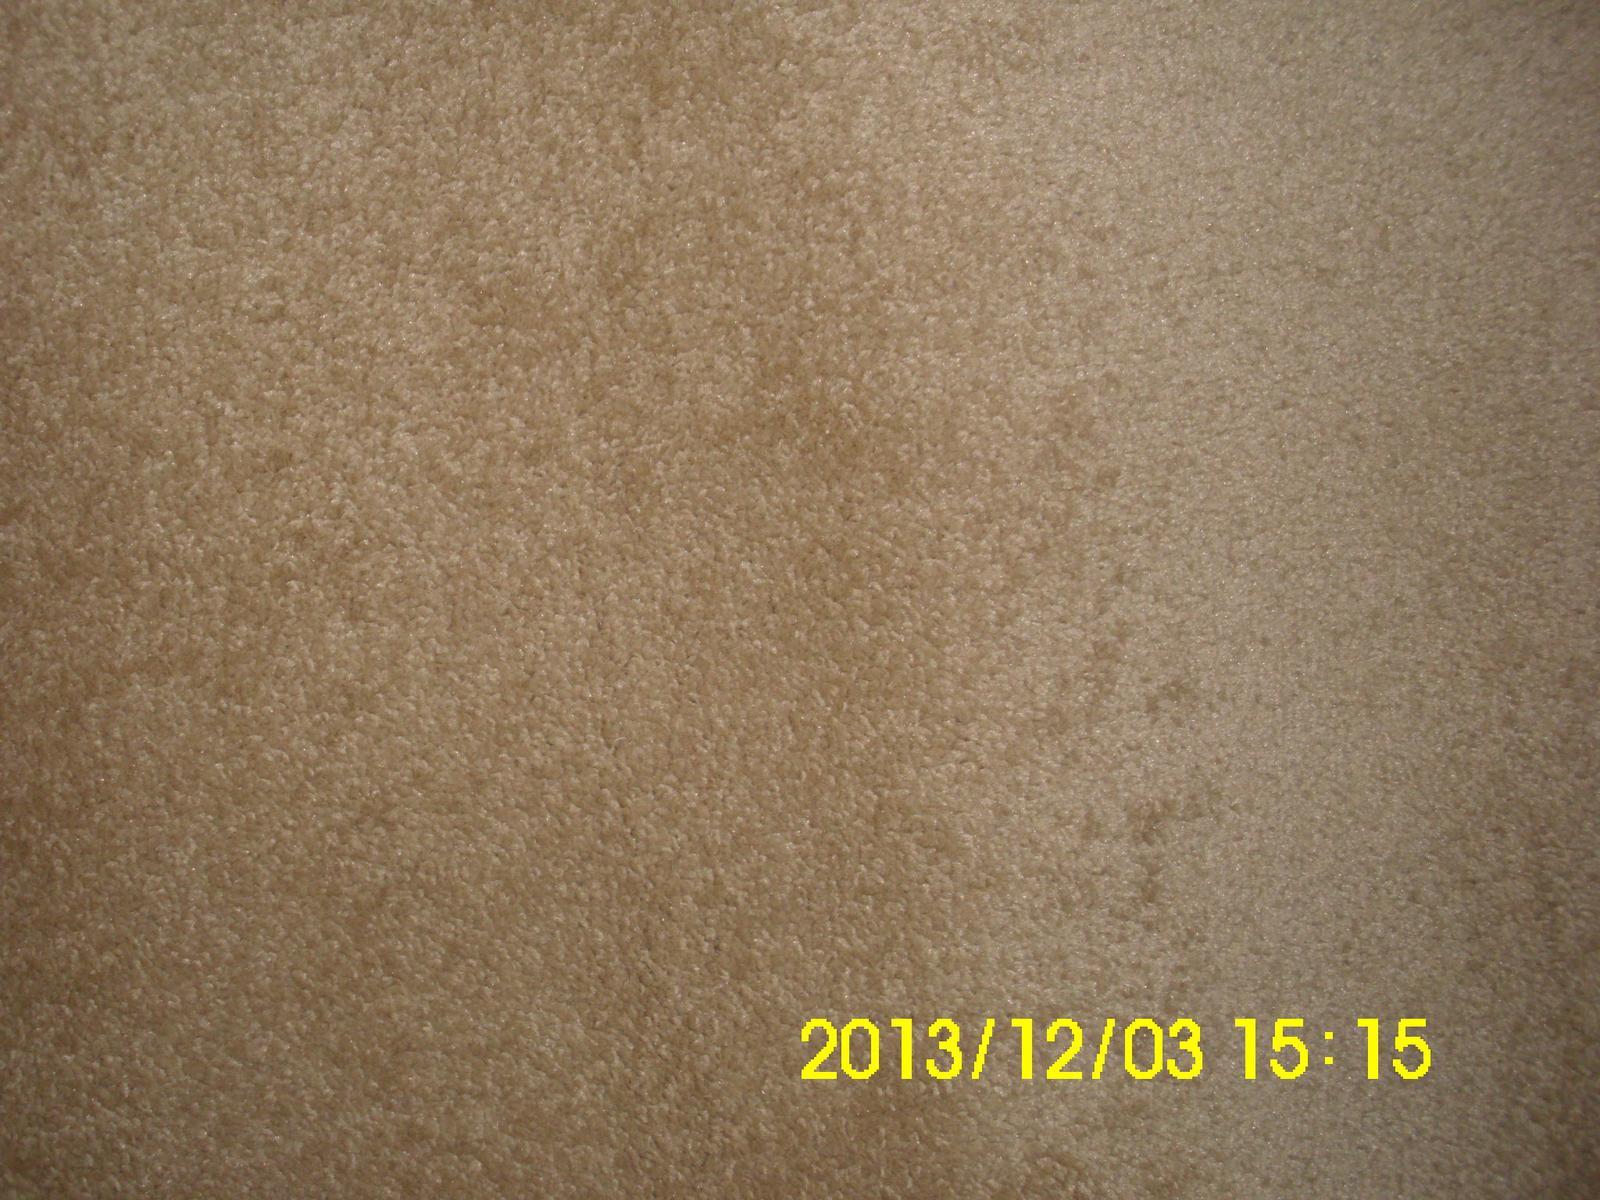 Mam na predaj pokrovec 67x120 cm - Obrázok č. 2